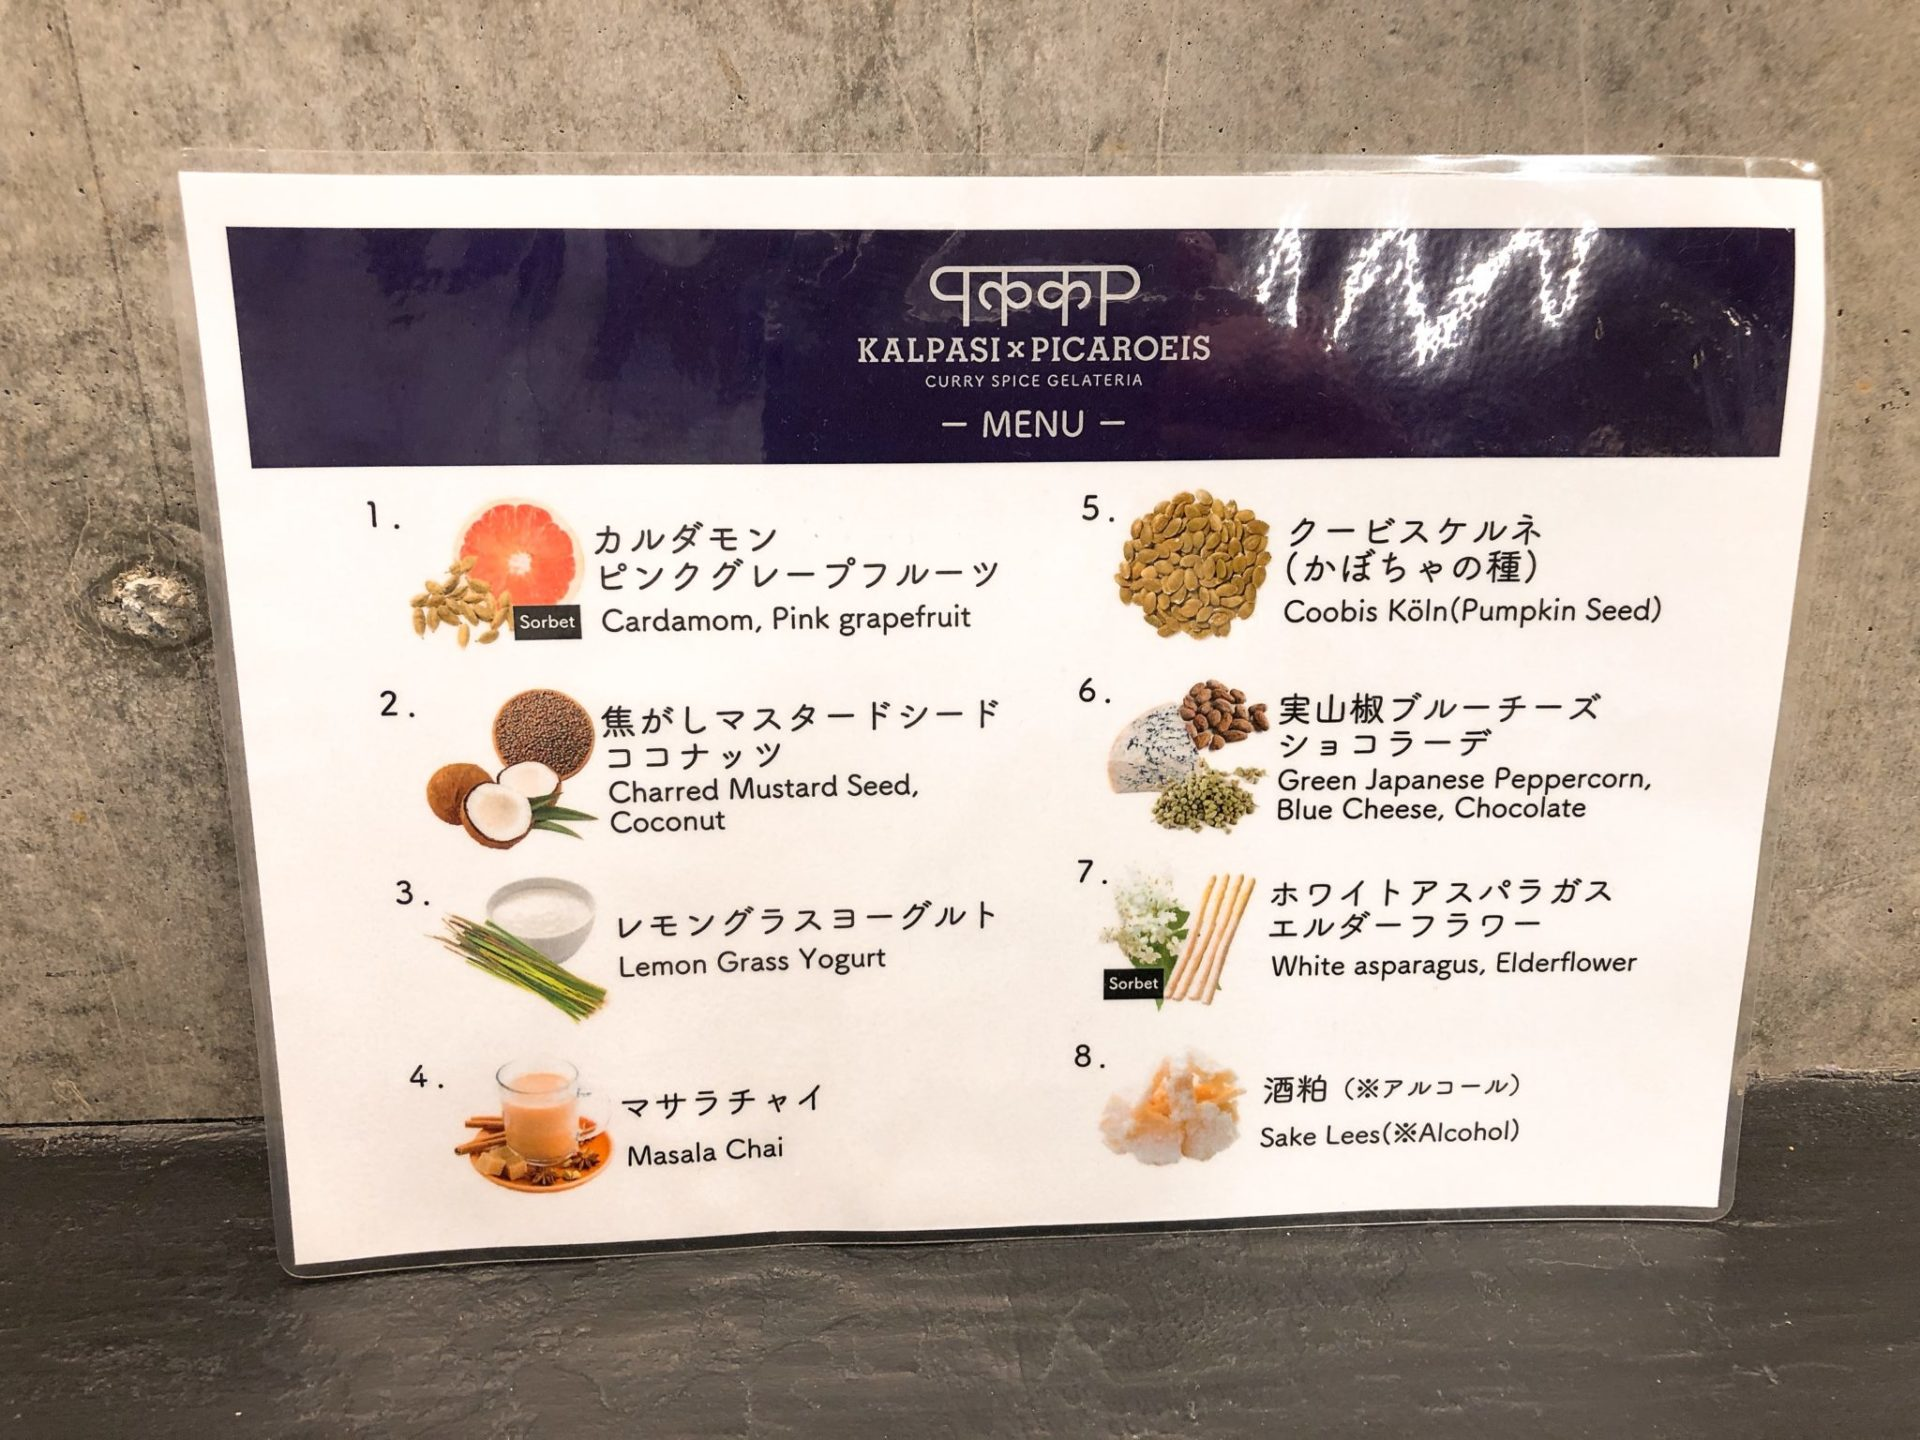 Curry Spice Gelateria KALPASI(カレー スパイス ジェラテリア カルパシ)のジェラートメニュー